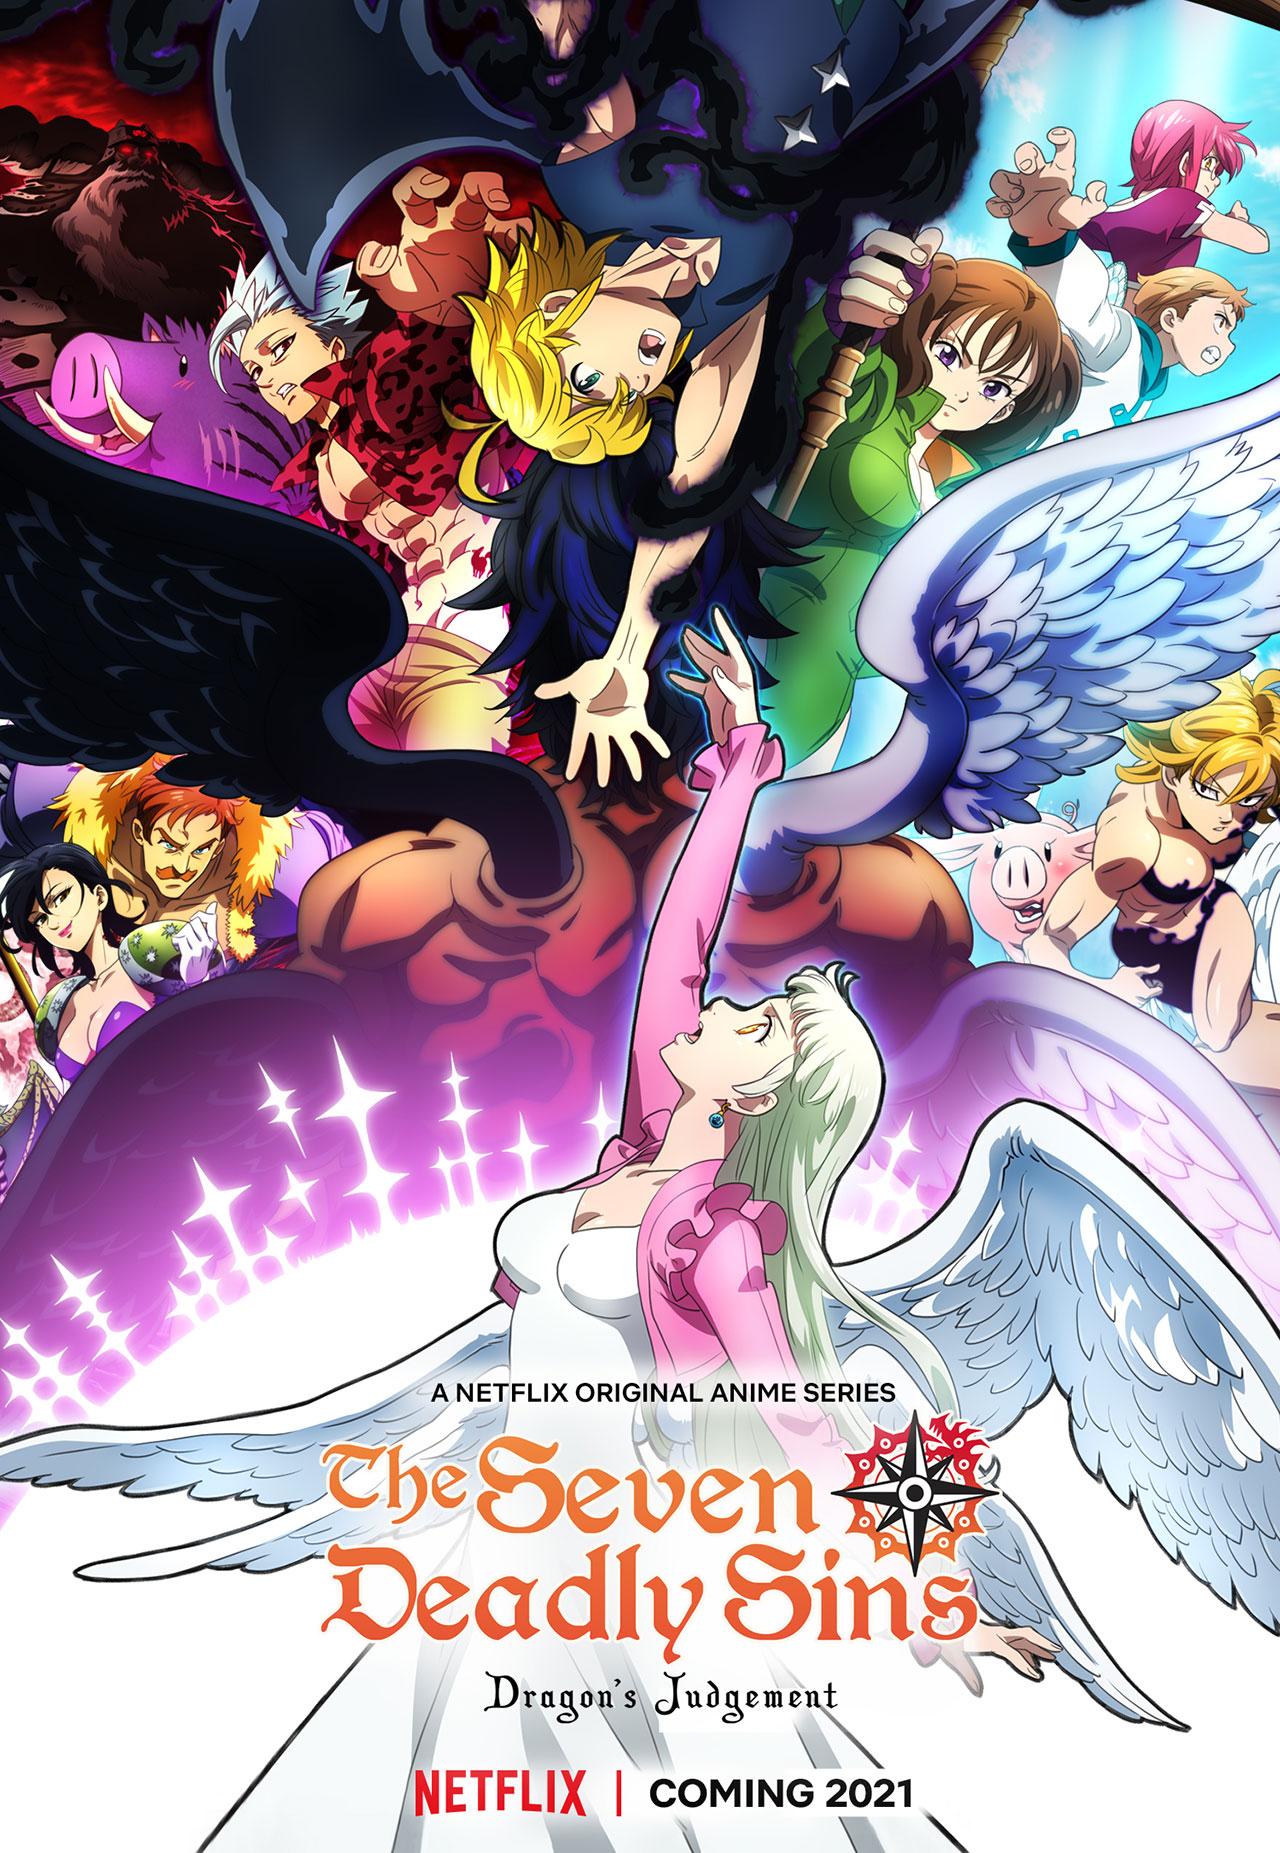 The Seven Deadly Sins: O Julgamento do Dragão   Netflix divulga trailer oficial da série anime